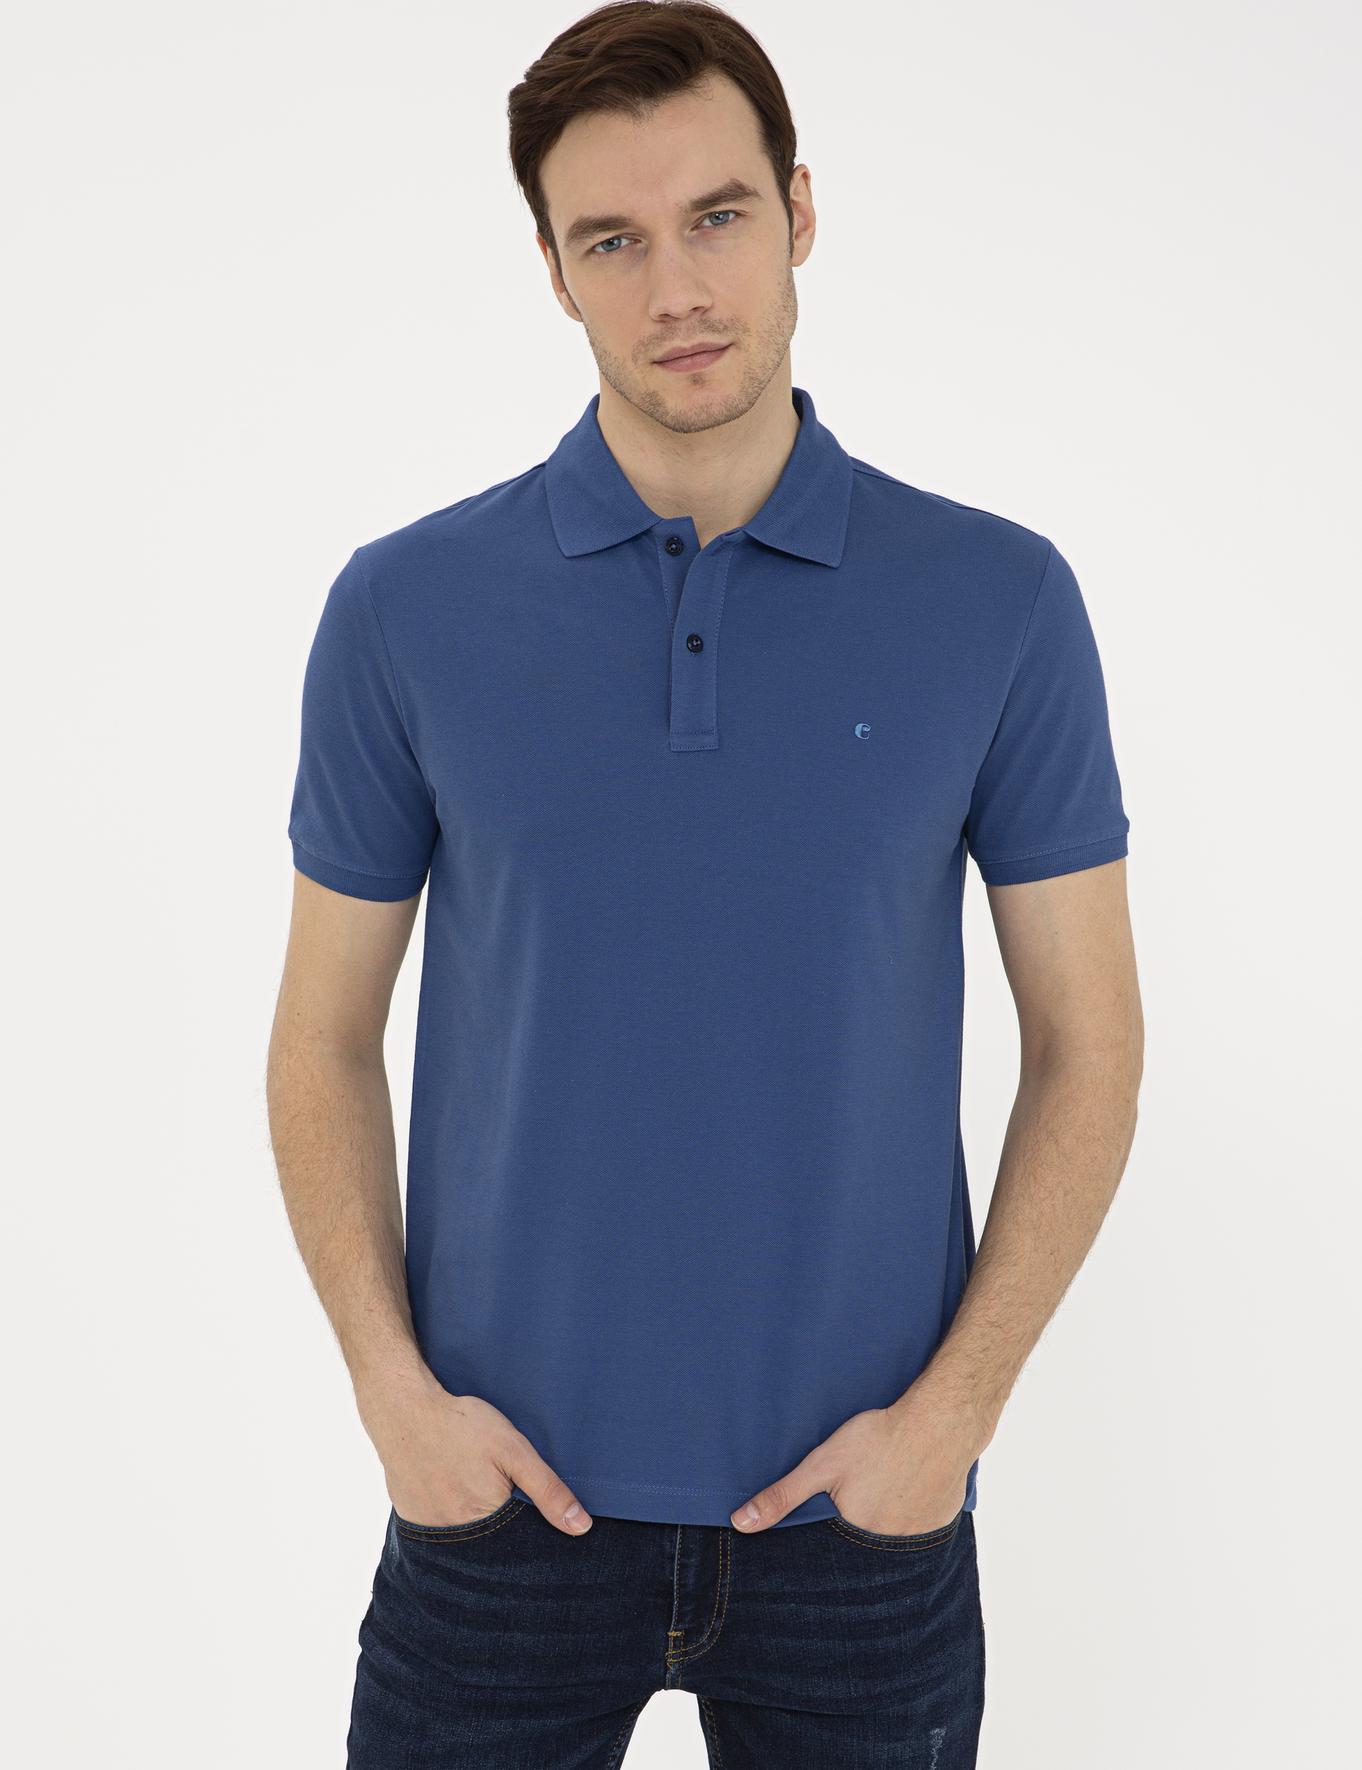 Polo Yaka T-Shirt - 50239479081